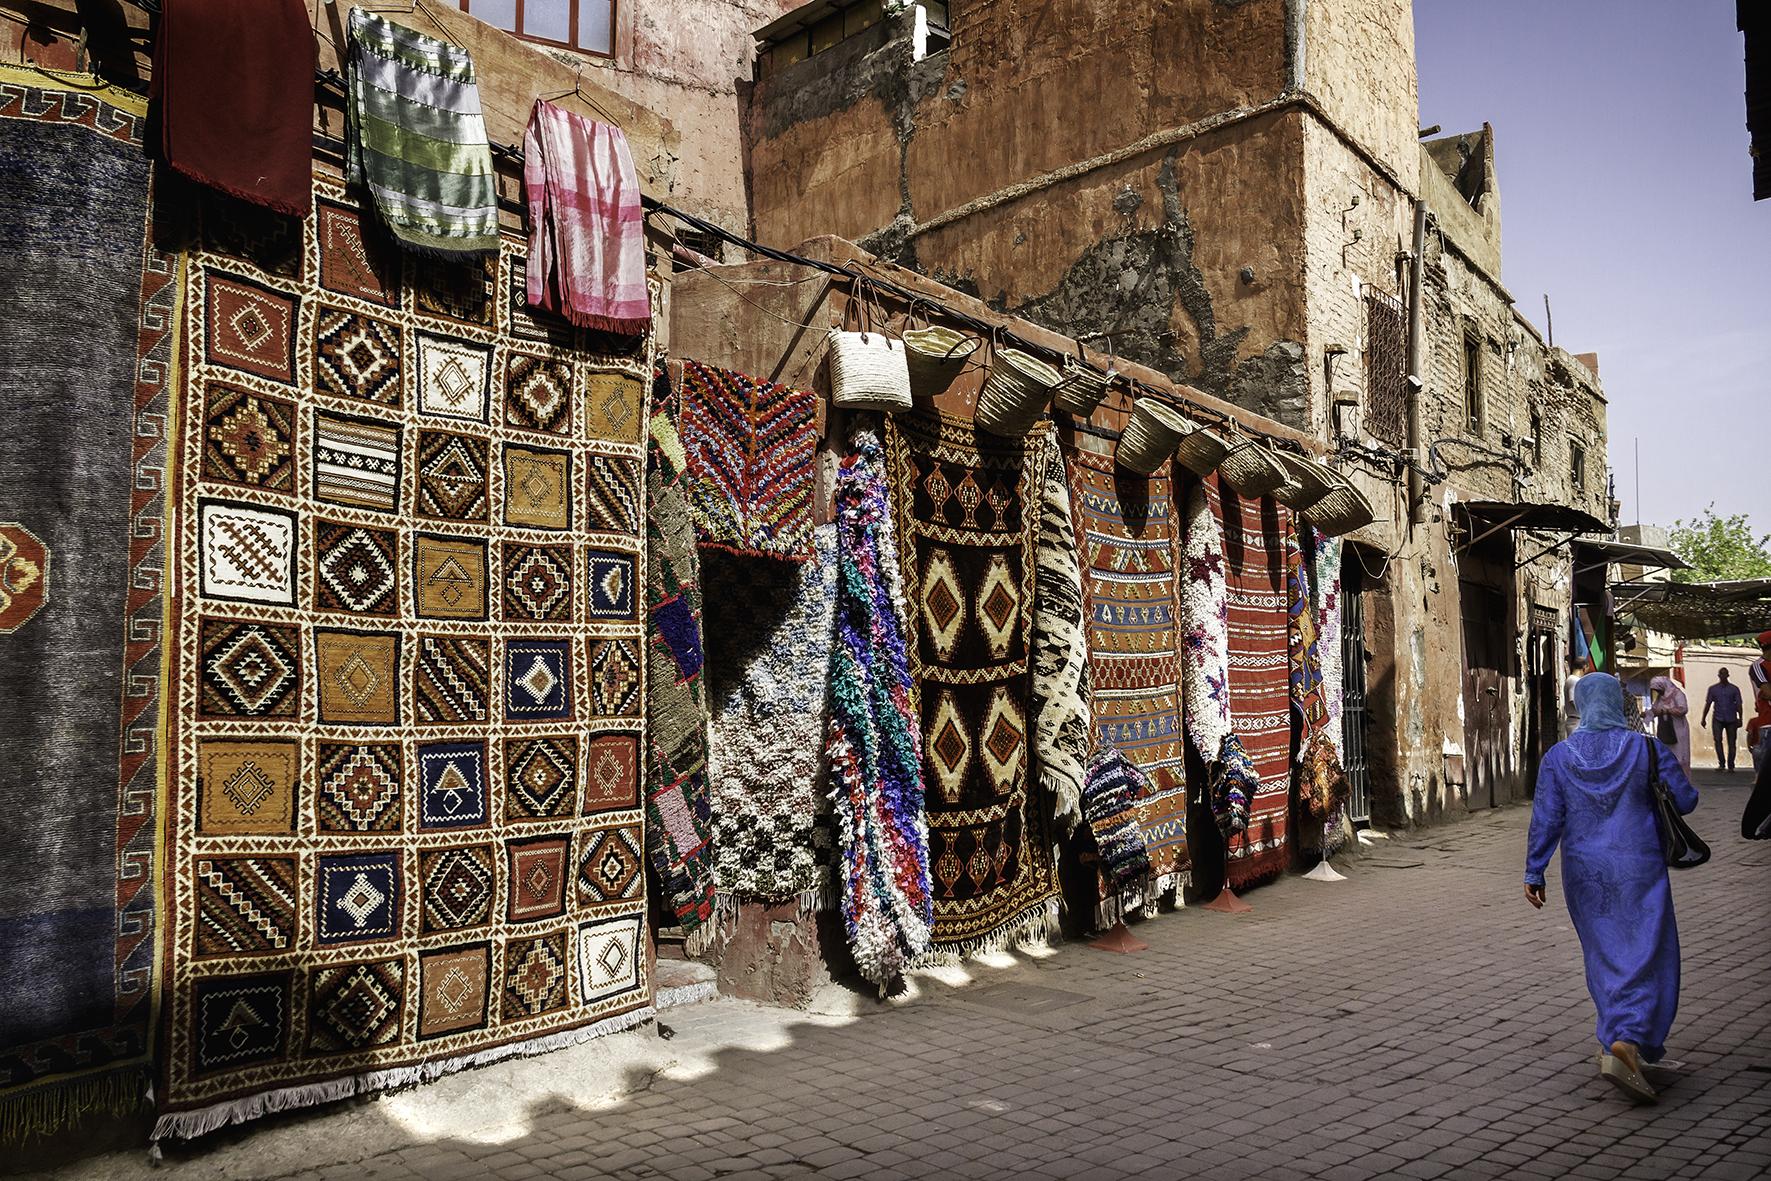 Marroco | Marrakech | Africa